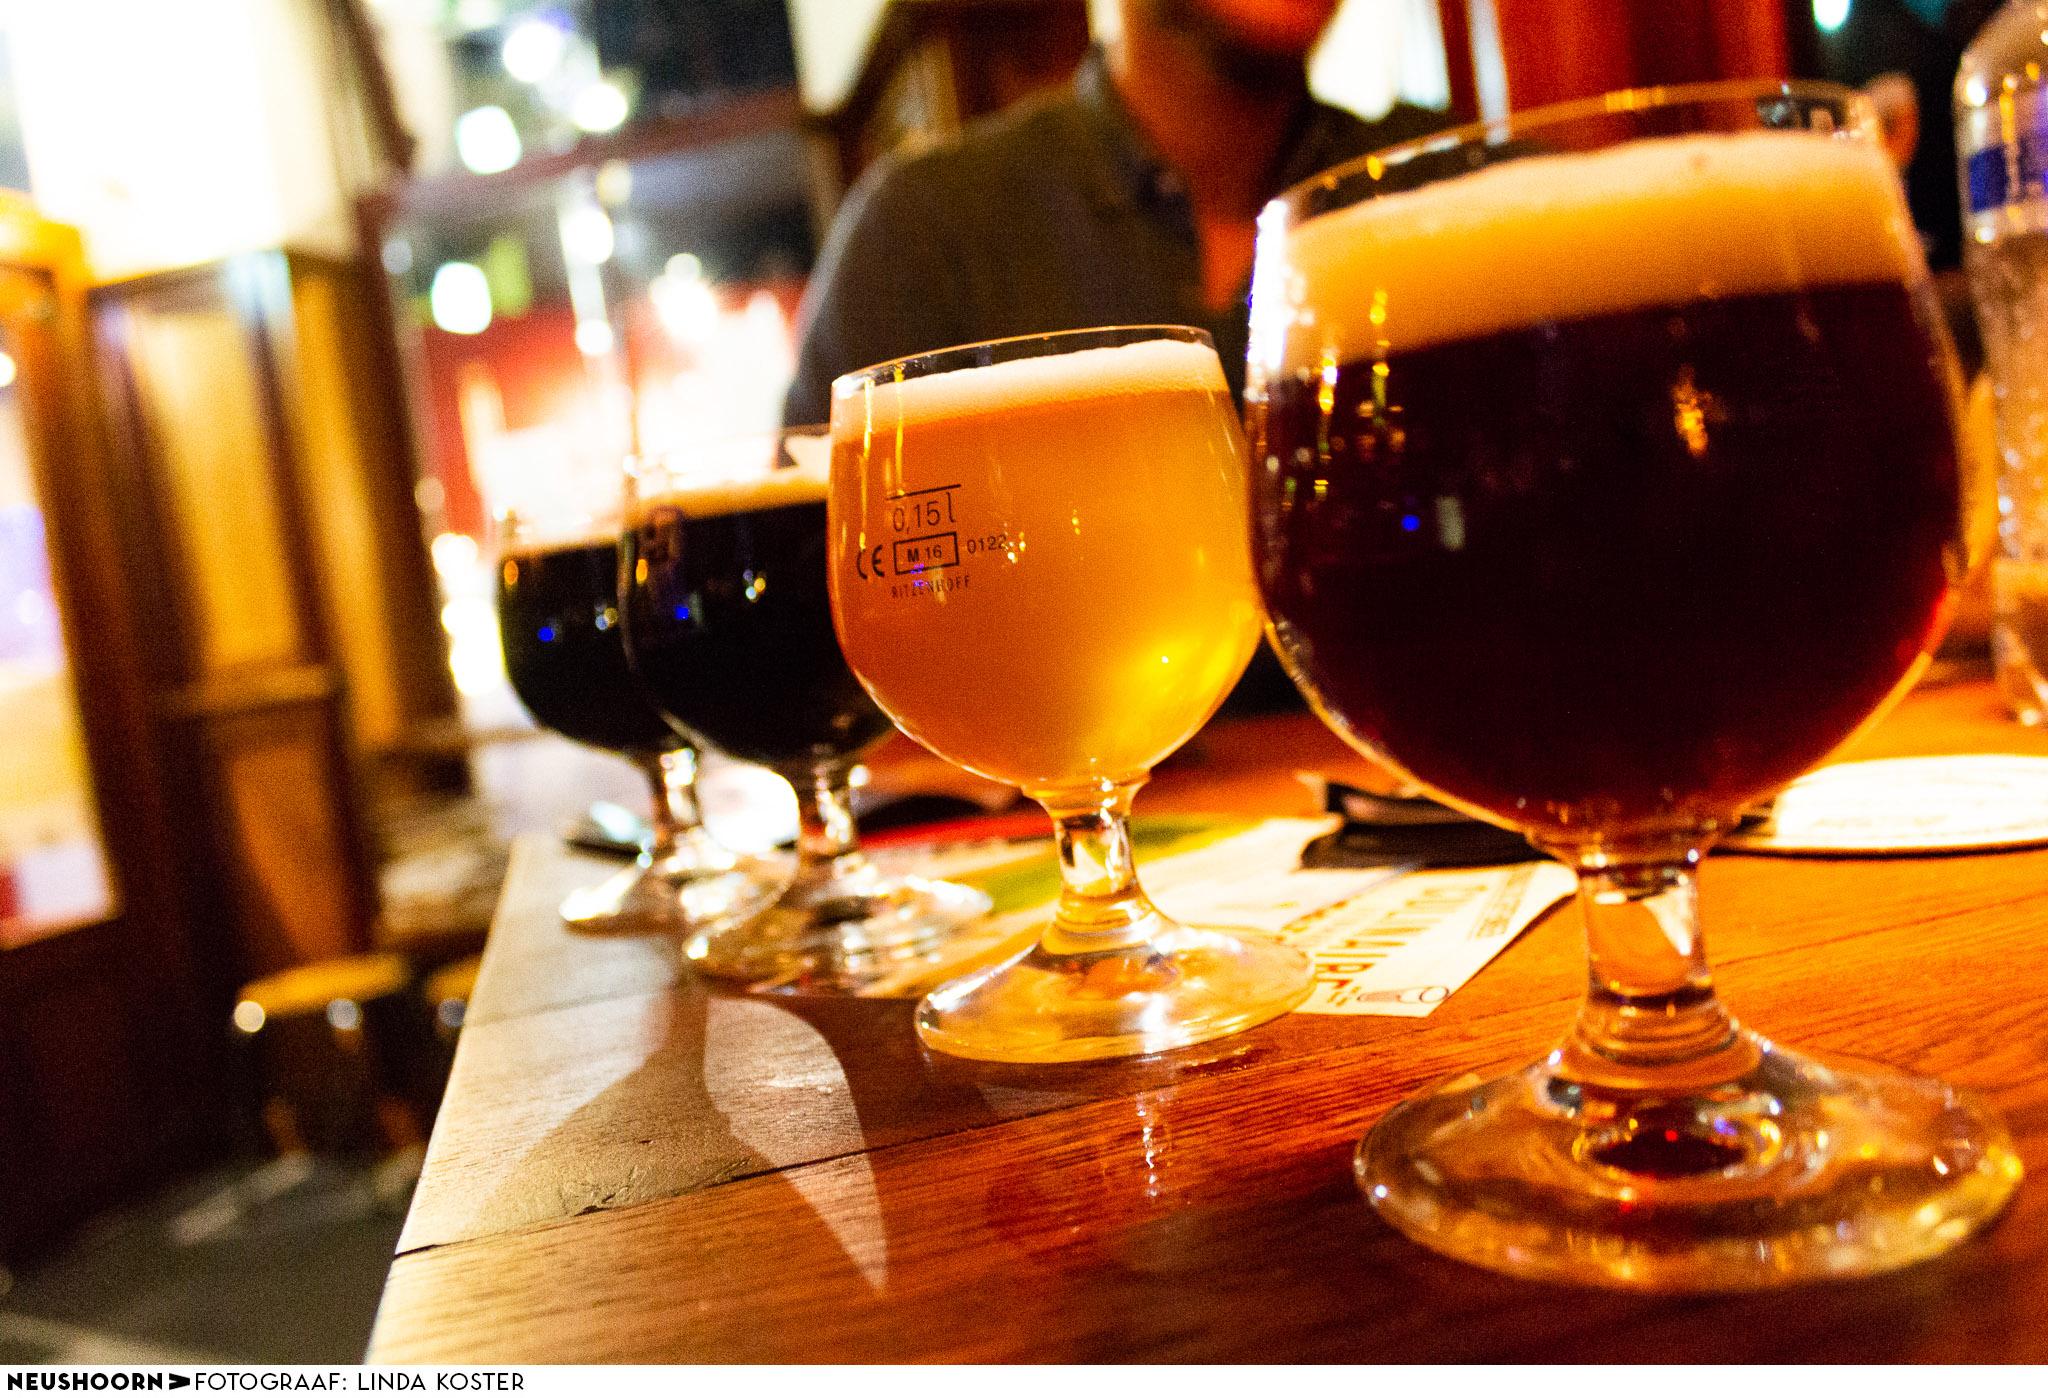 bierfestival-50